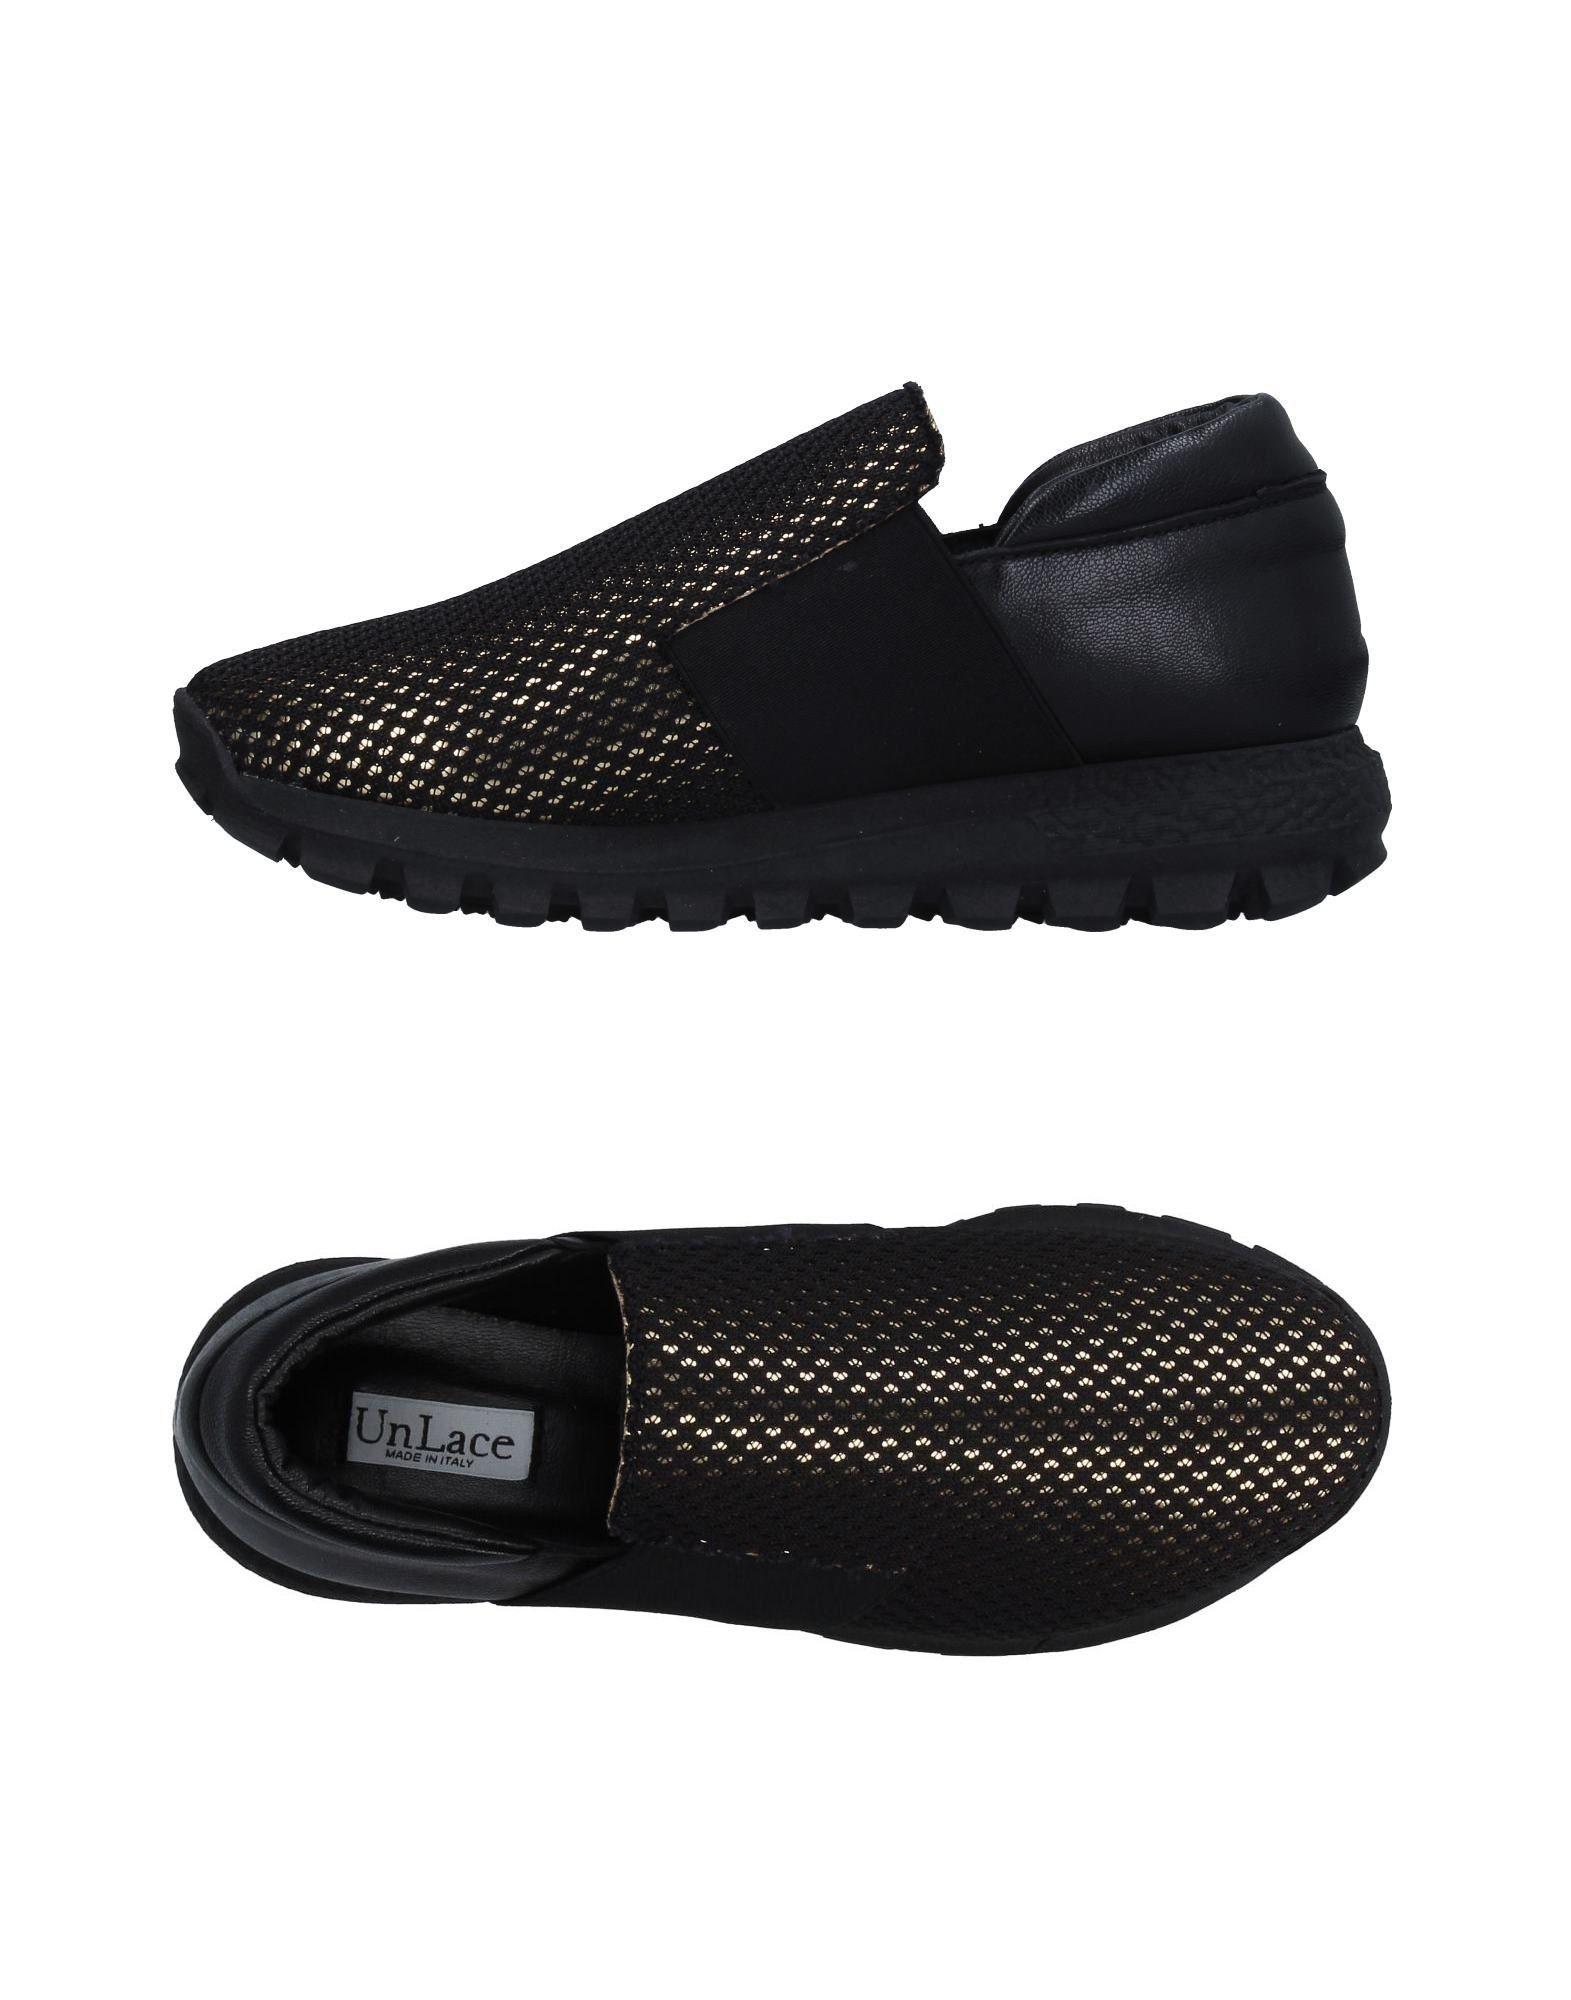 Zapatillas Zapatillas Unlace Mujer - Zapatillas Zapatillas Unlace  Oro 2158e5